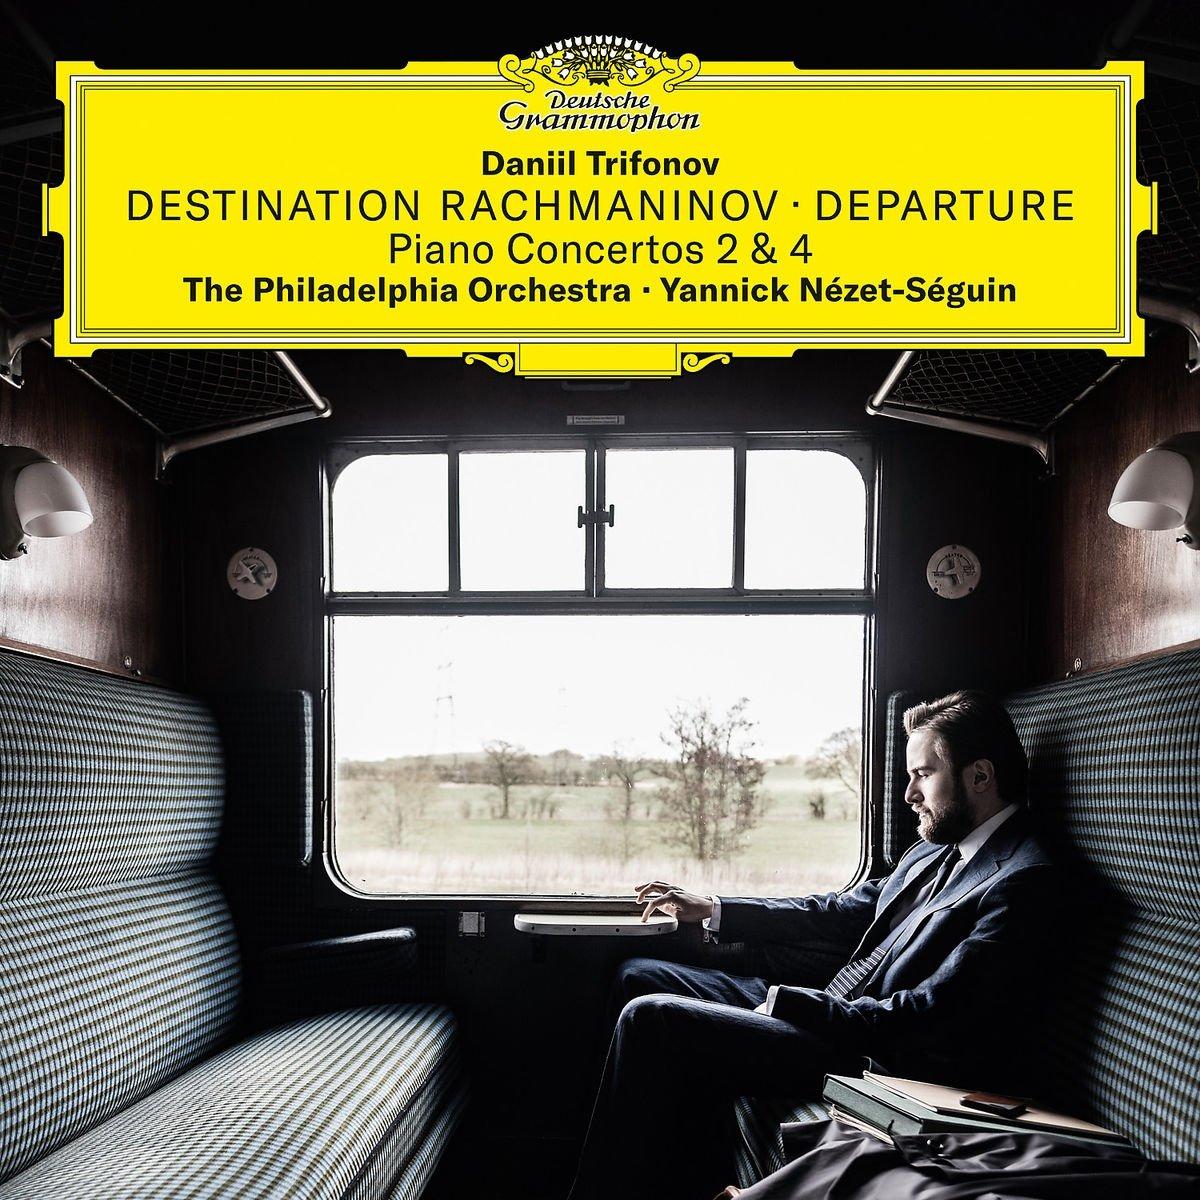 Vinilo : Daniil Trifonov - Destination Rachmaninov - Departure (LP Vinyl)